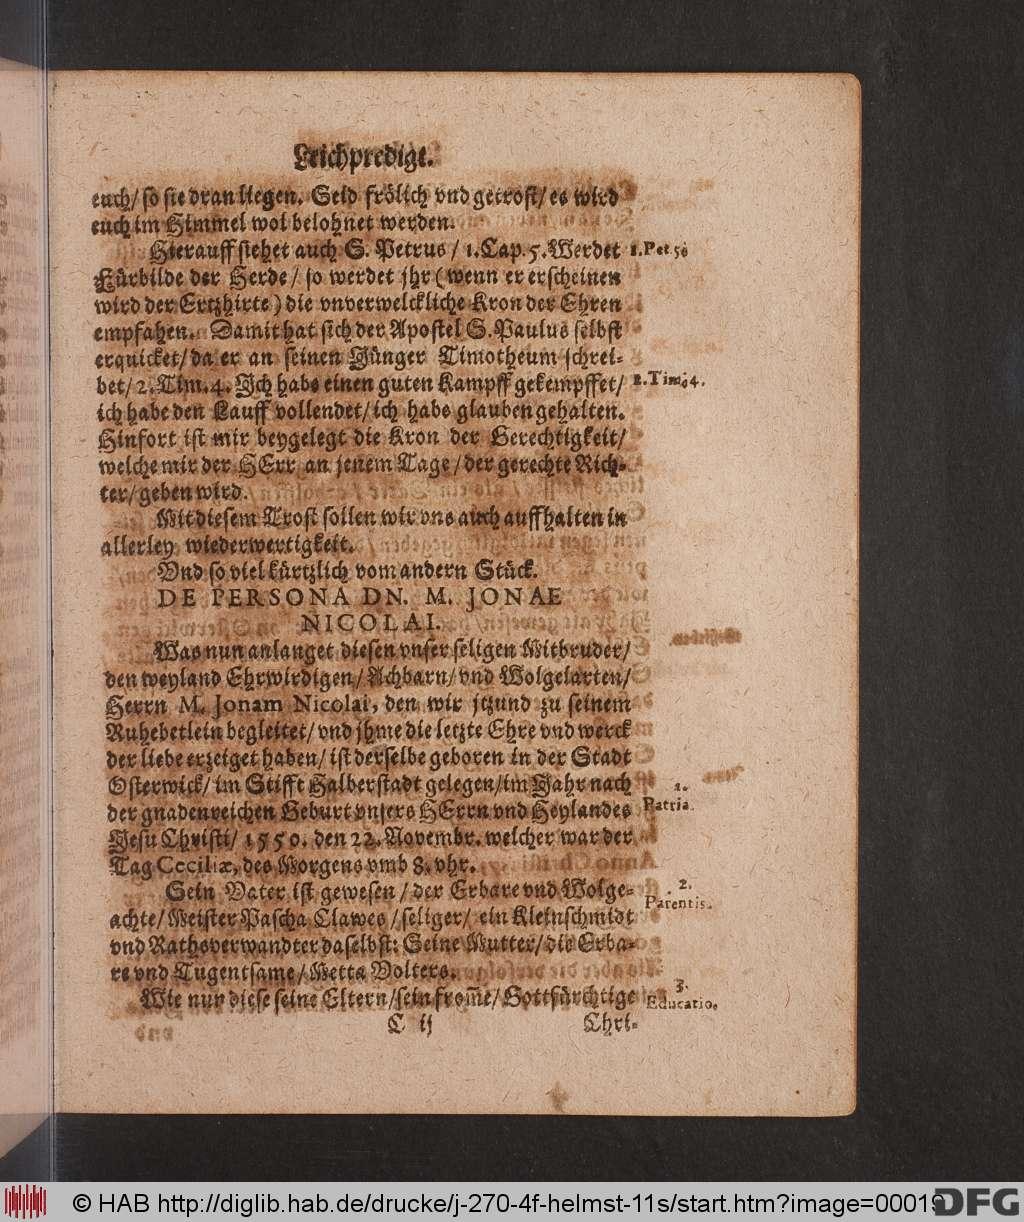 http://diglib.hab.de/drucke/j-270-4f-helmst-11s/00019.jpg